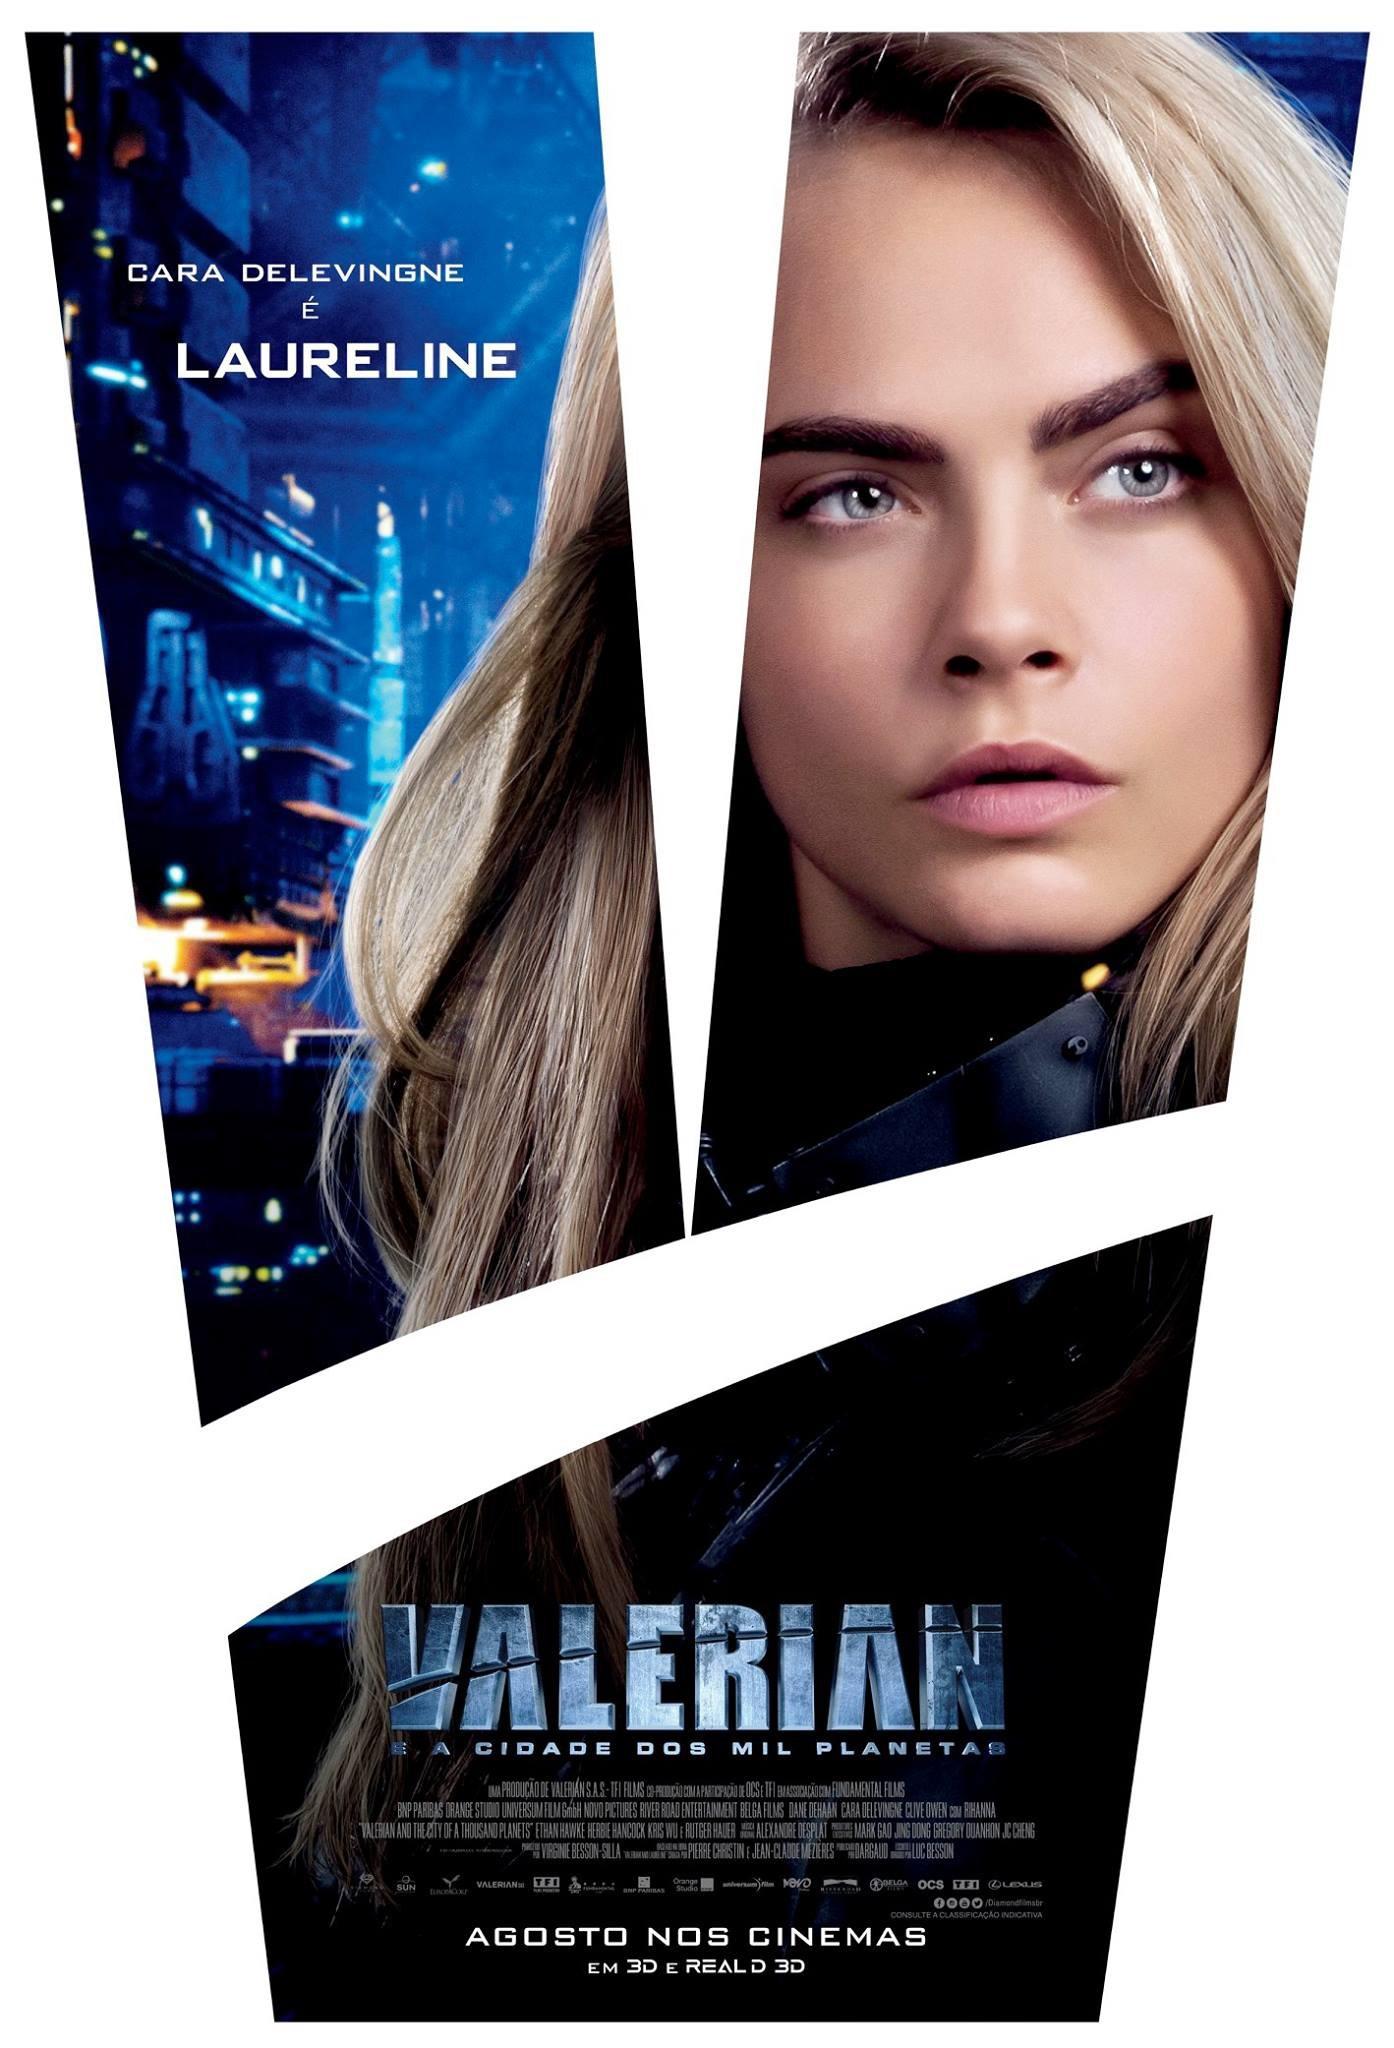 Валериан игород тысячи планет, постер № 10